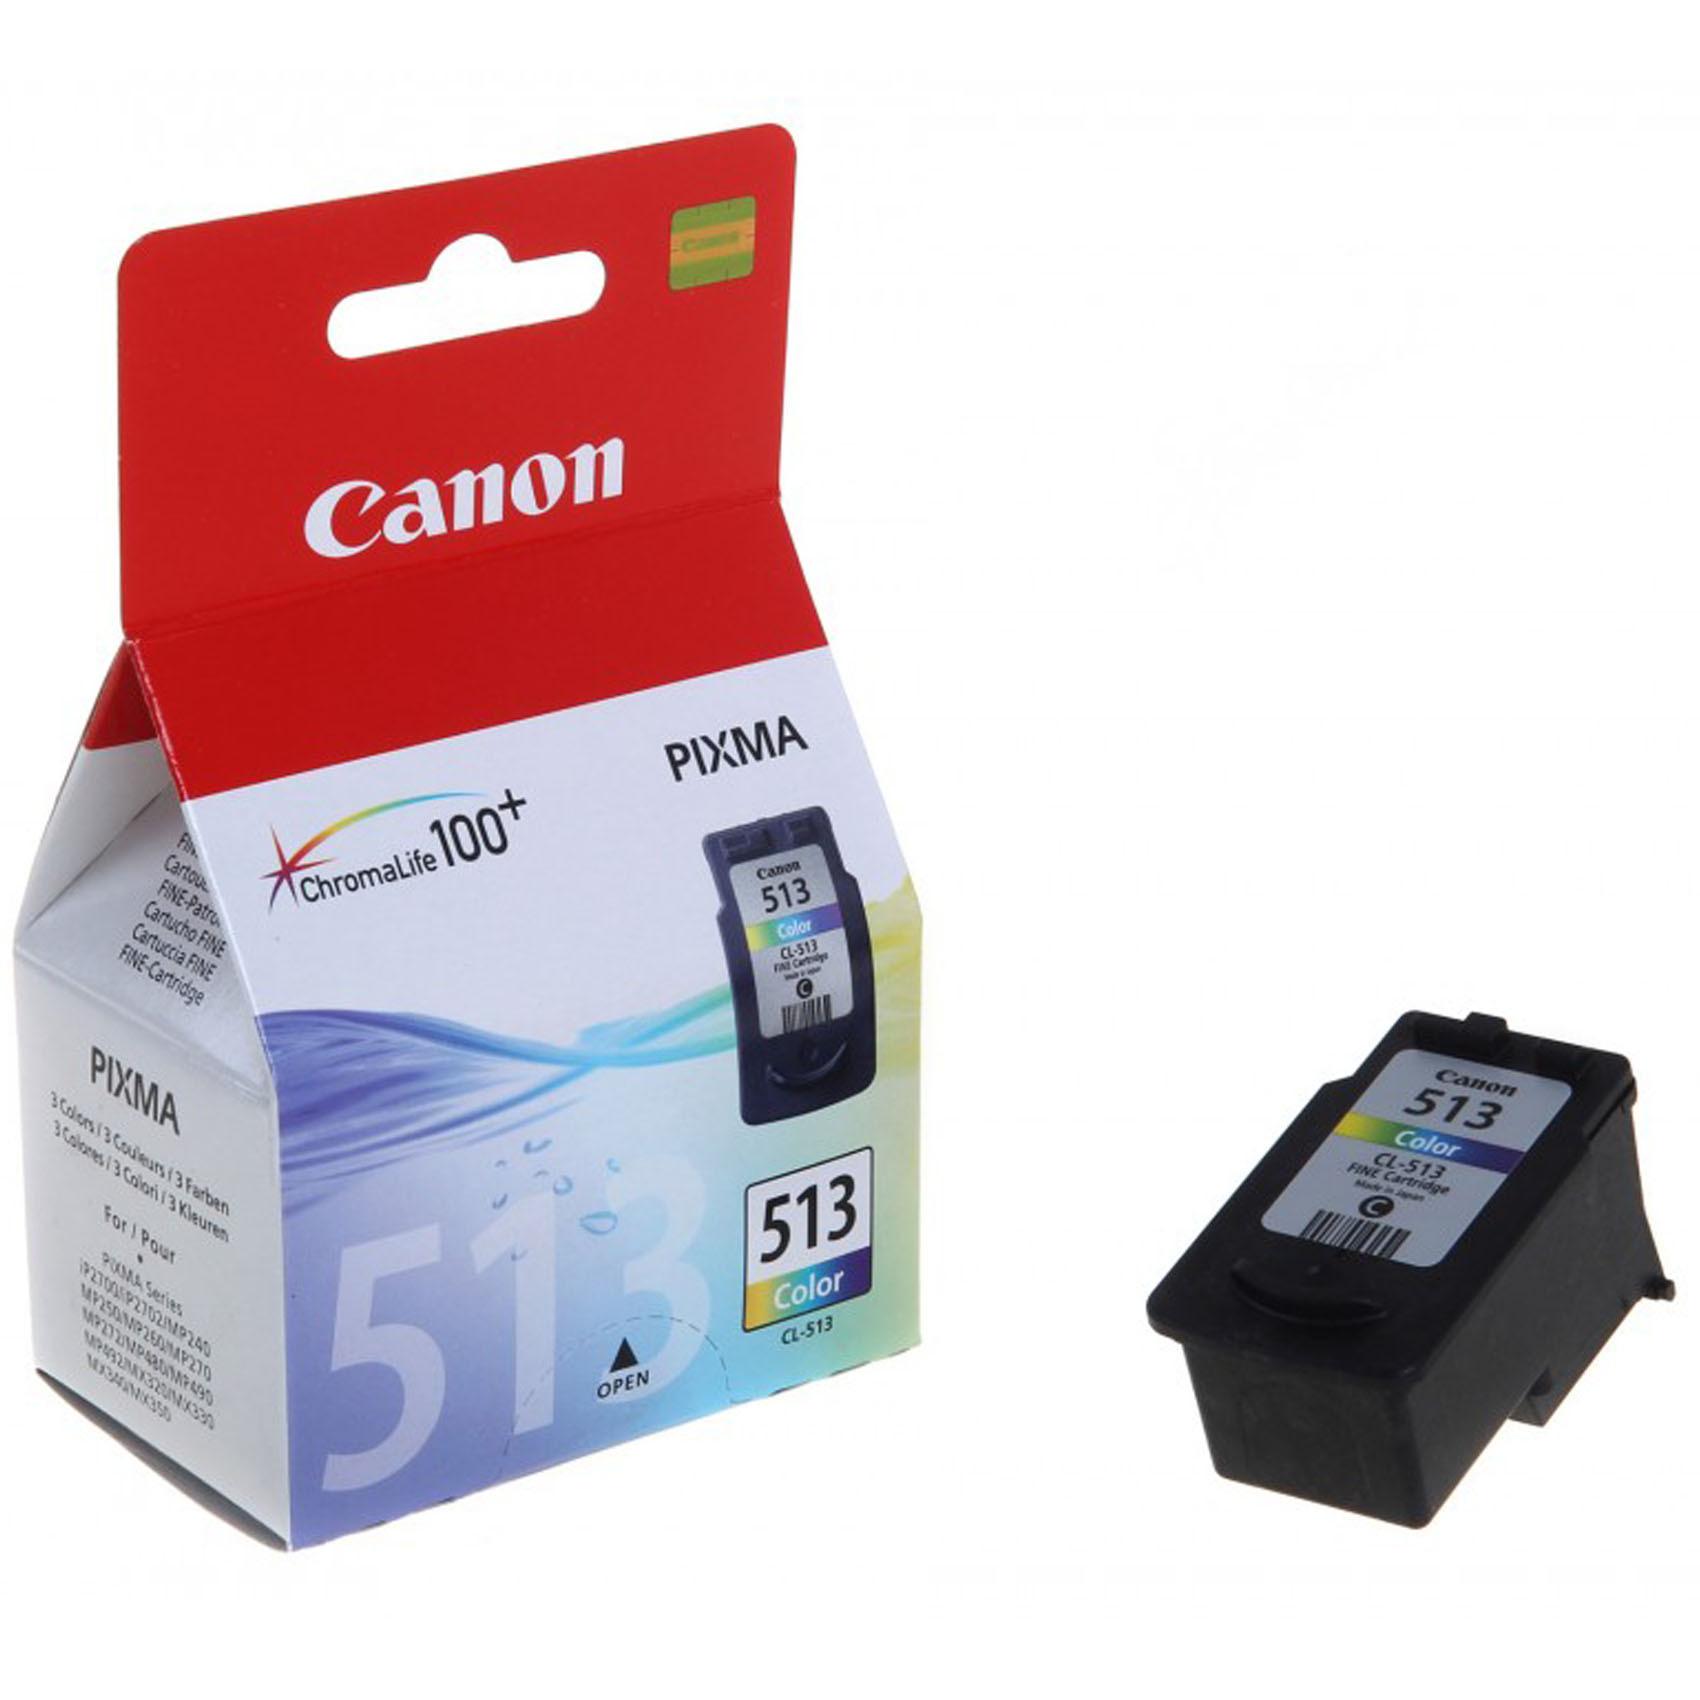 CANON CART CL513